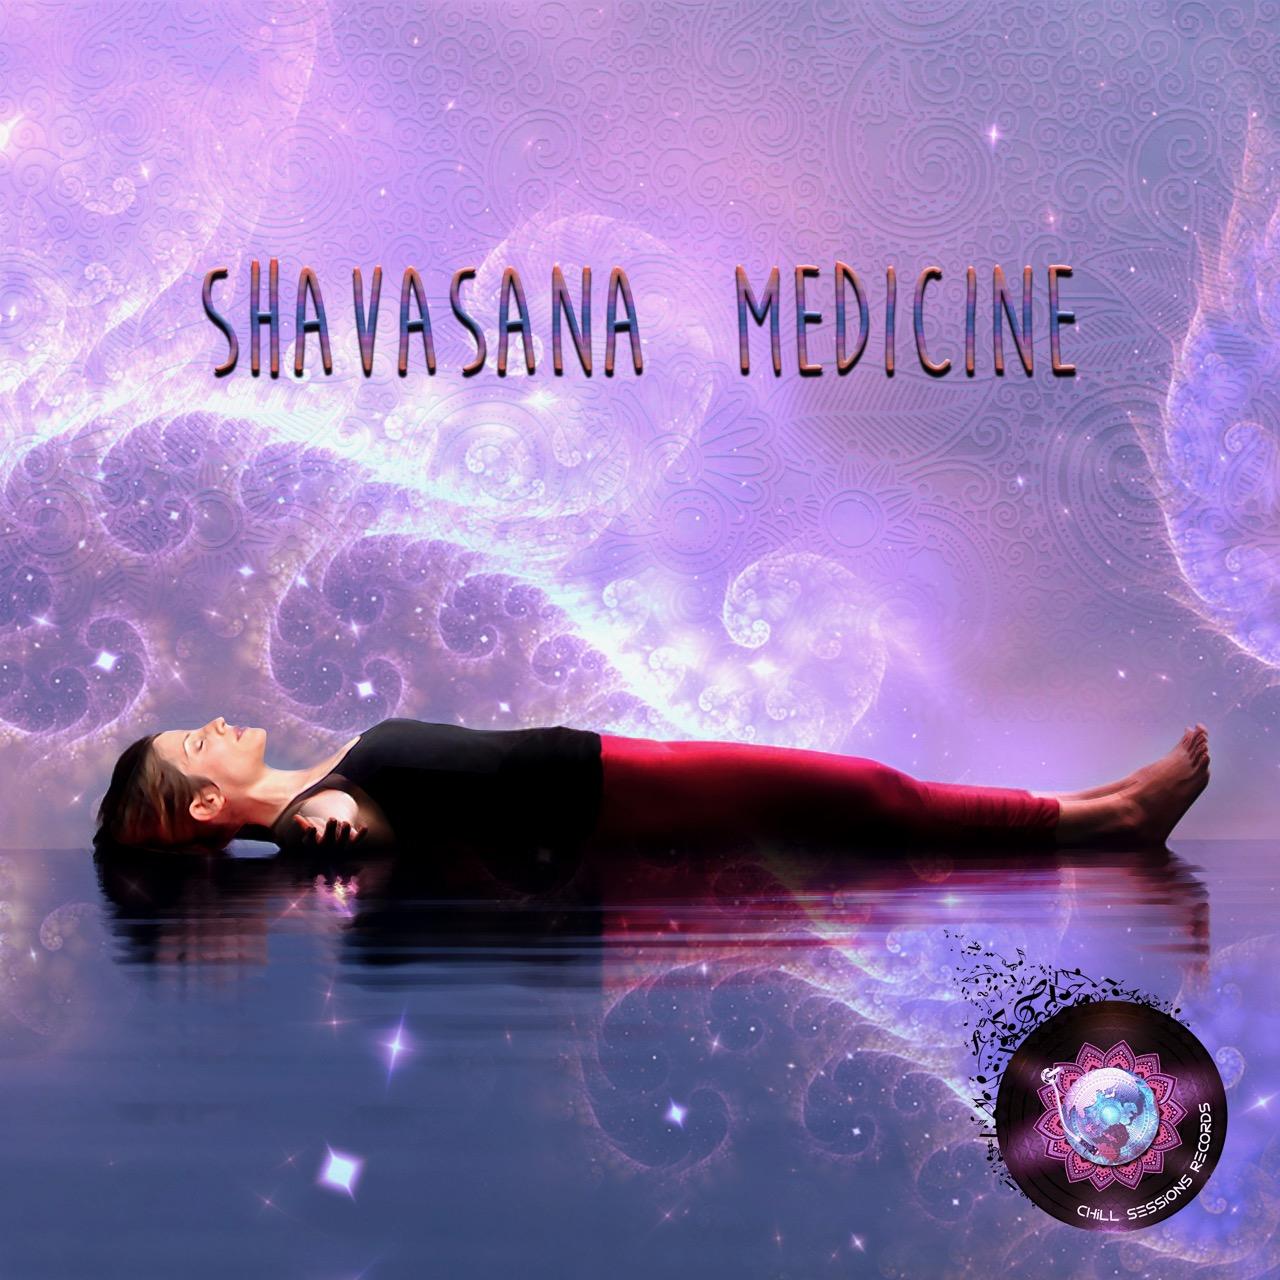 Shavasana Medicine